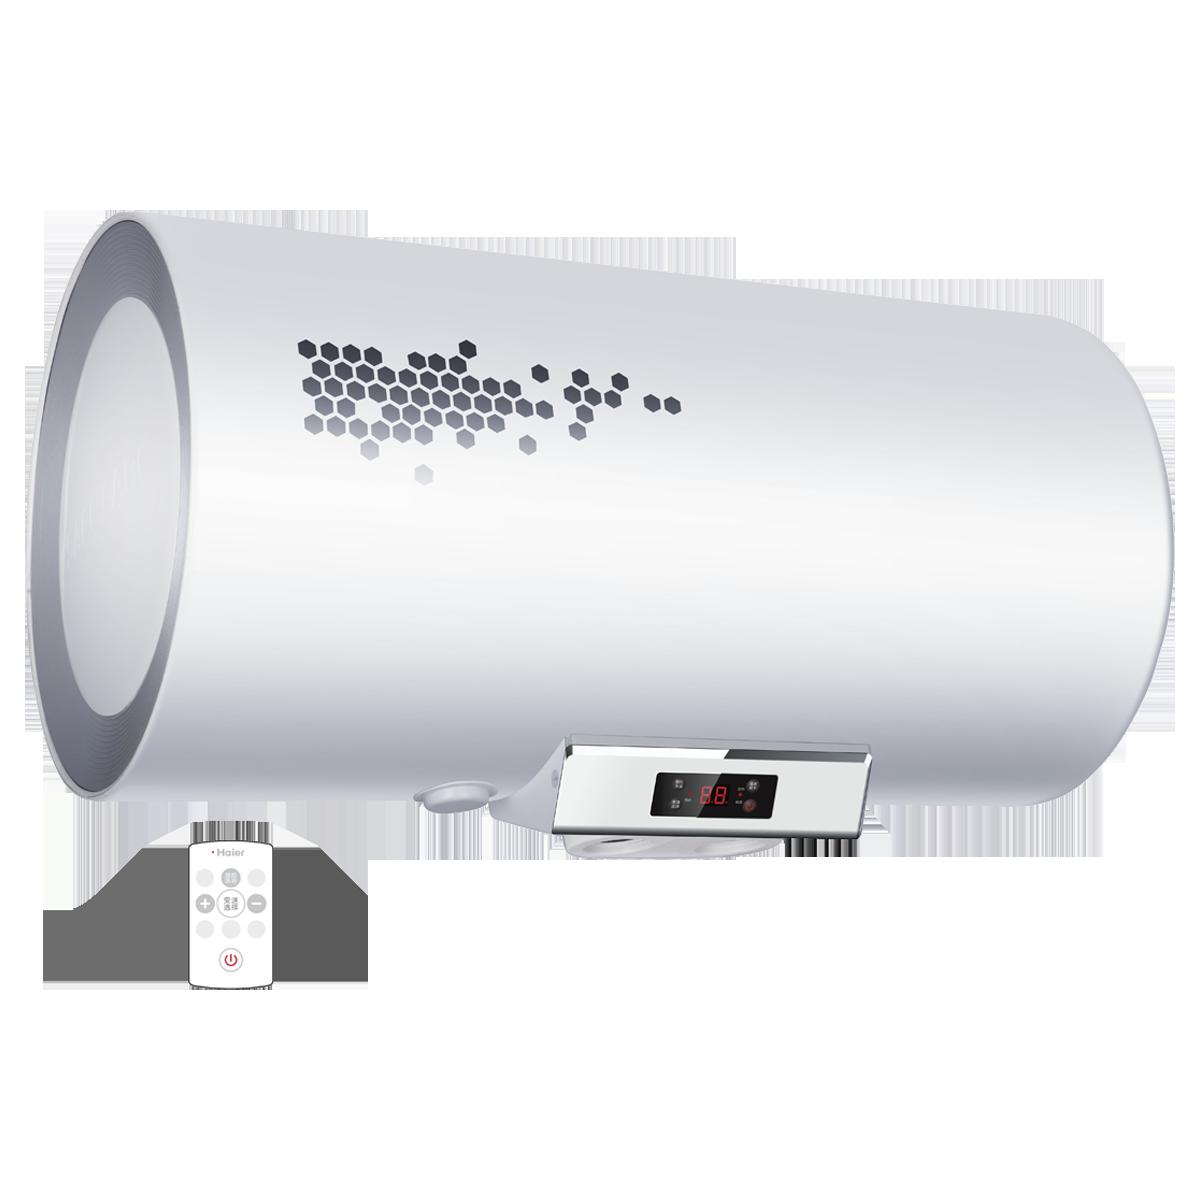 海尔电热水器 es50h-d3(e)图片